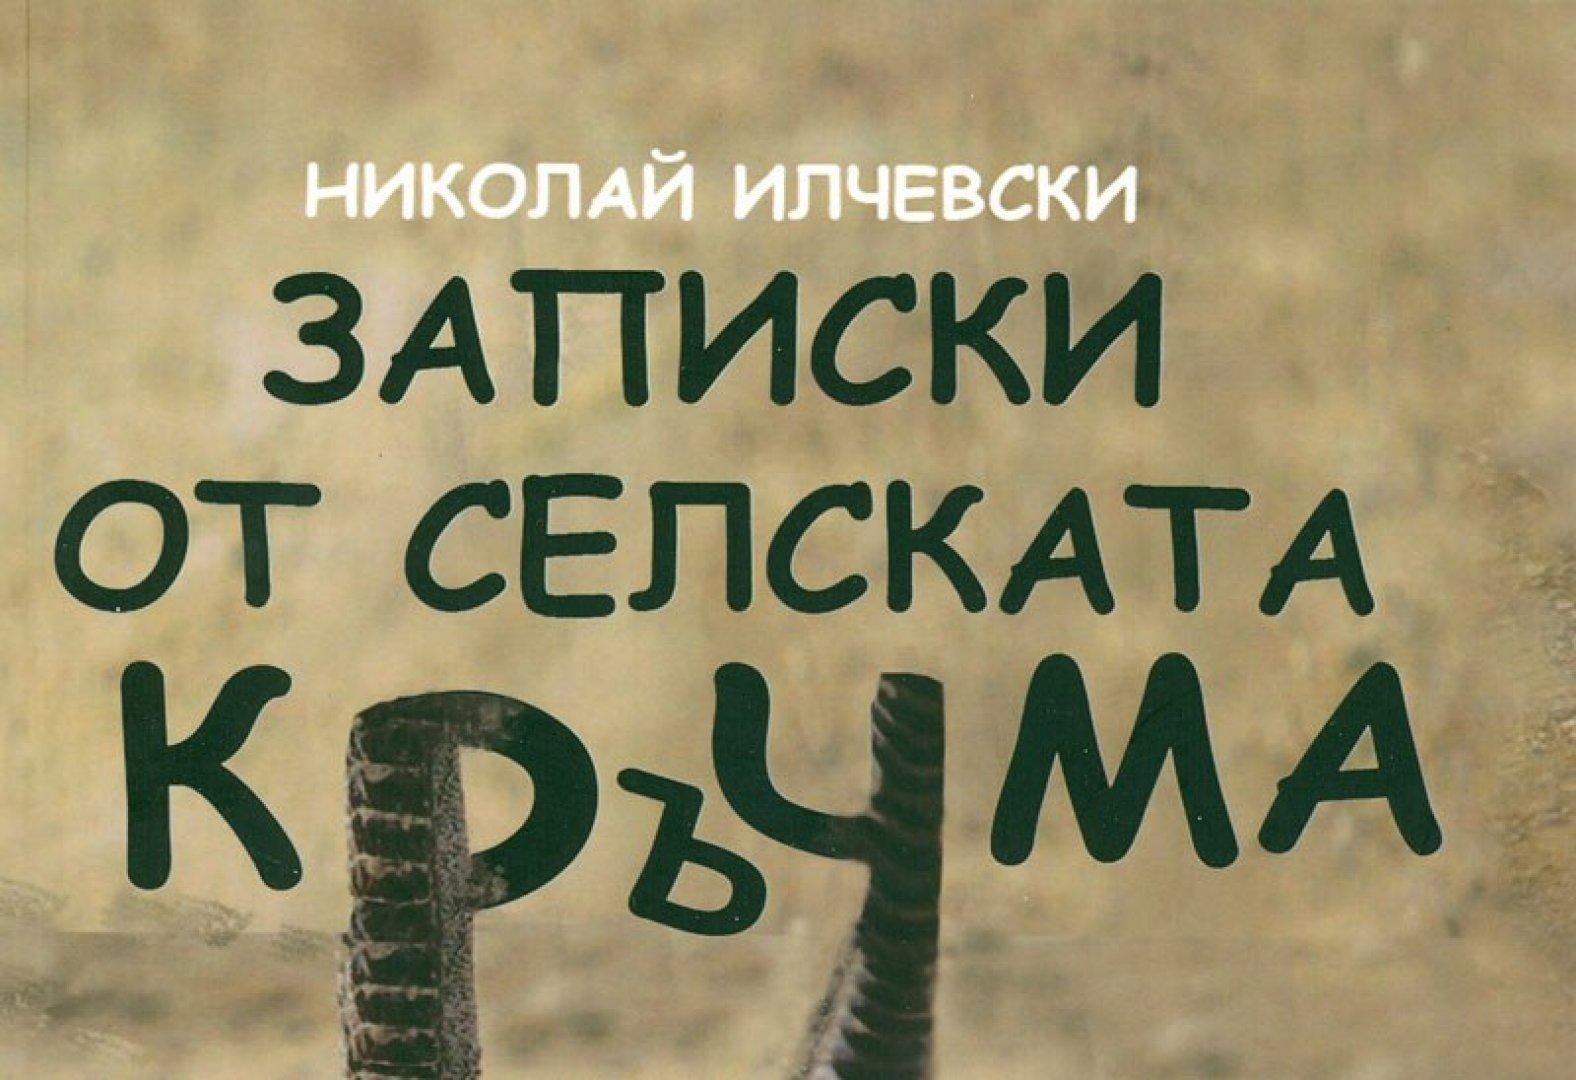 Бургаската премиера на книгата е на 5-ти март